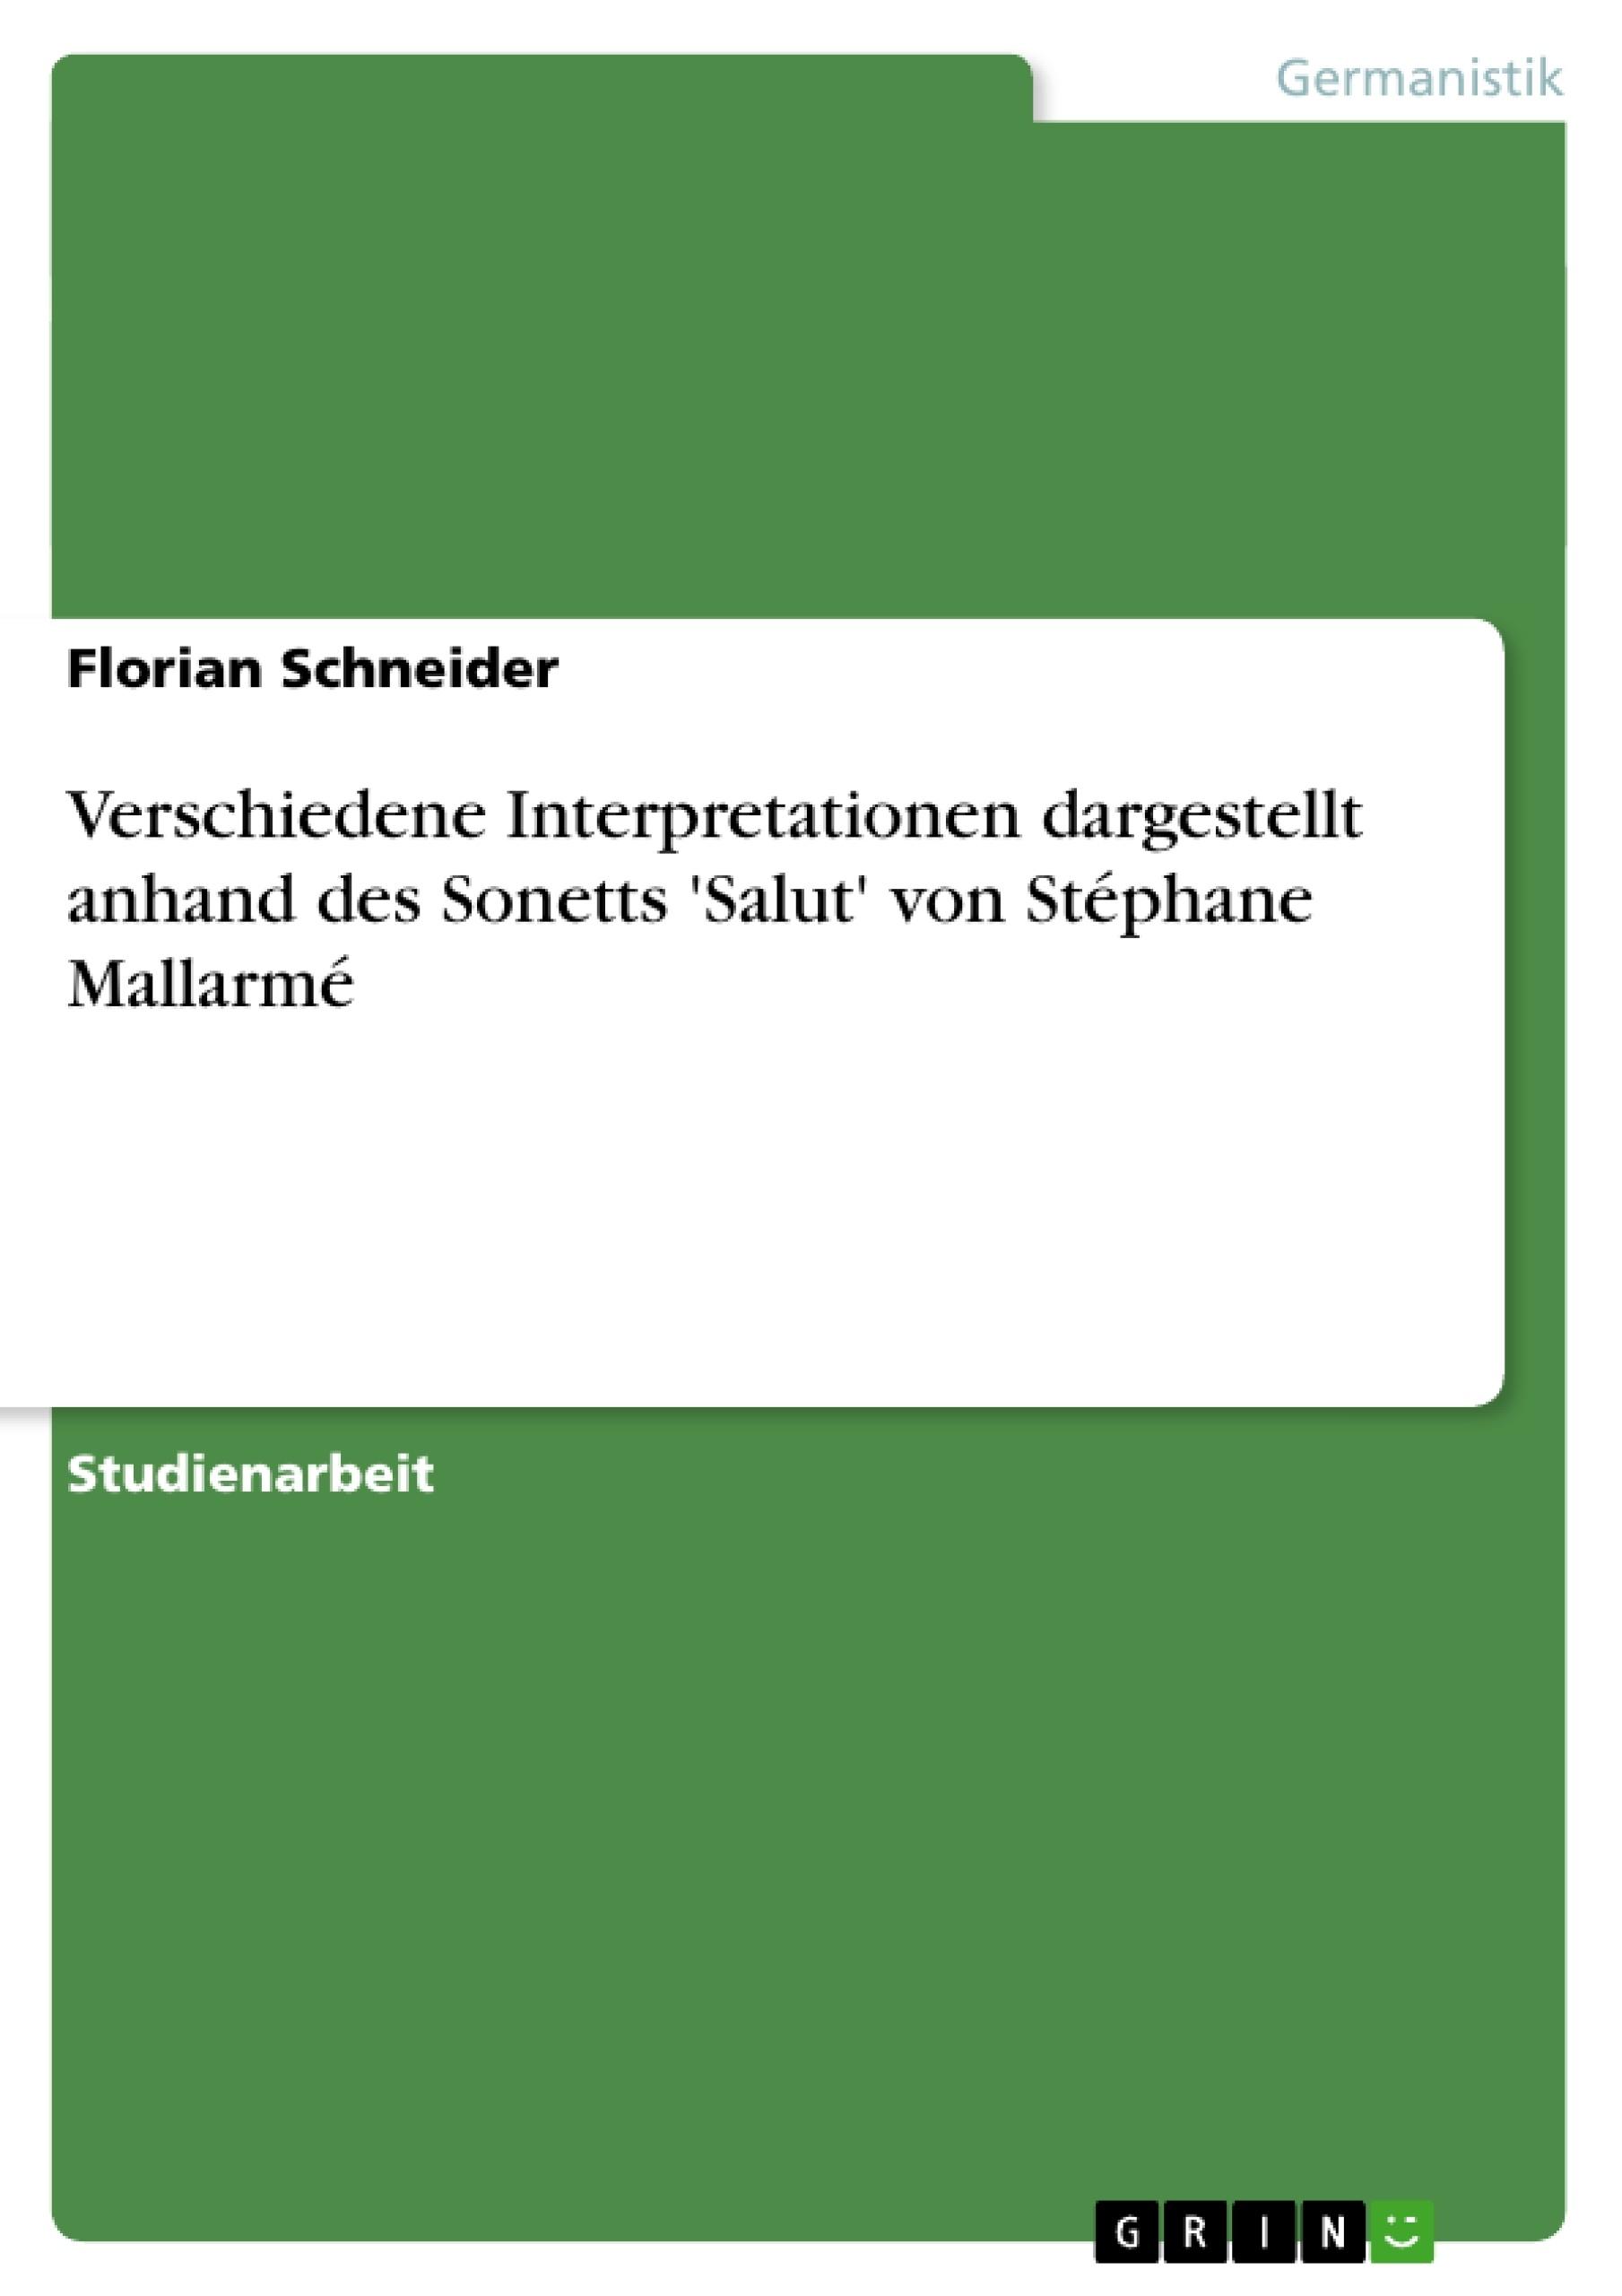 Titel: Verschiedene Interpretationen dargestellt anhand des Sonetts 'Salut' von Stéphane Mallarmé